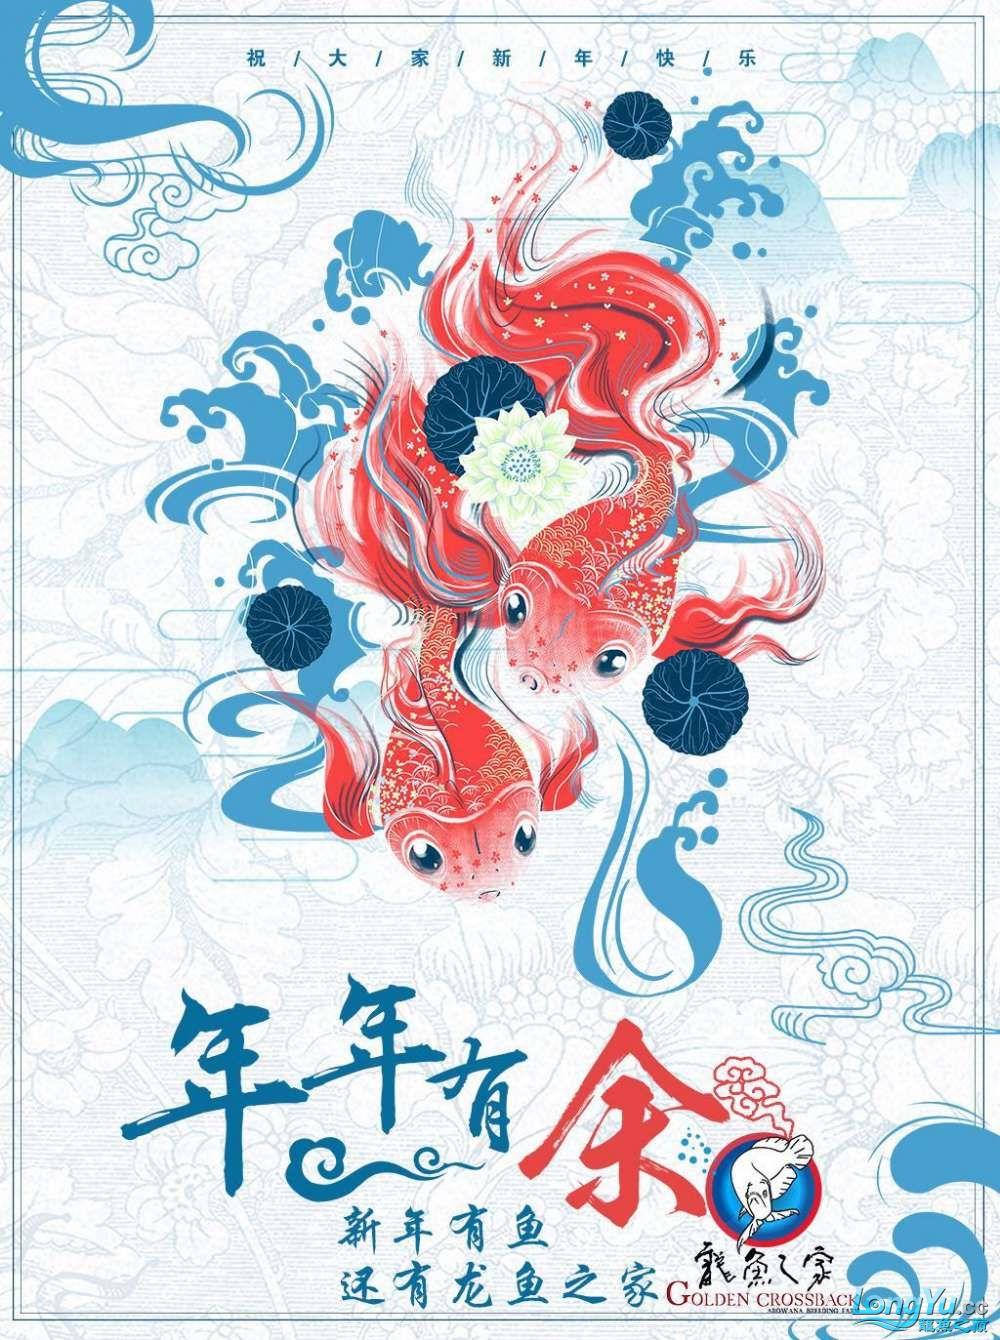 龙鱼之家祝各位鱼友元旦快乐 西安龙鱼论坛 西安博特第1张